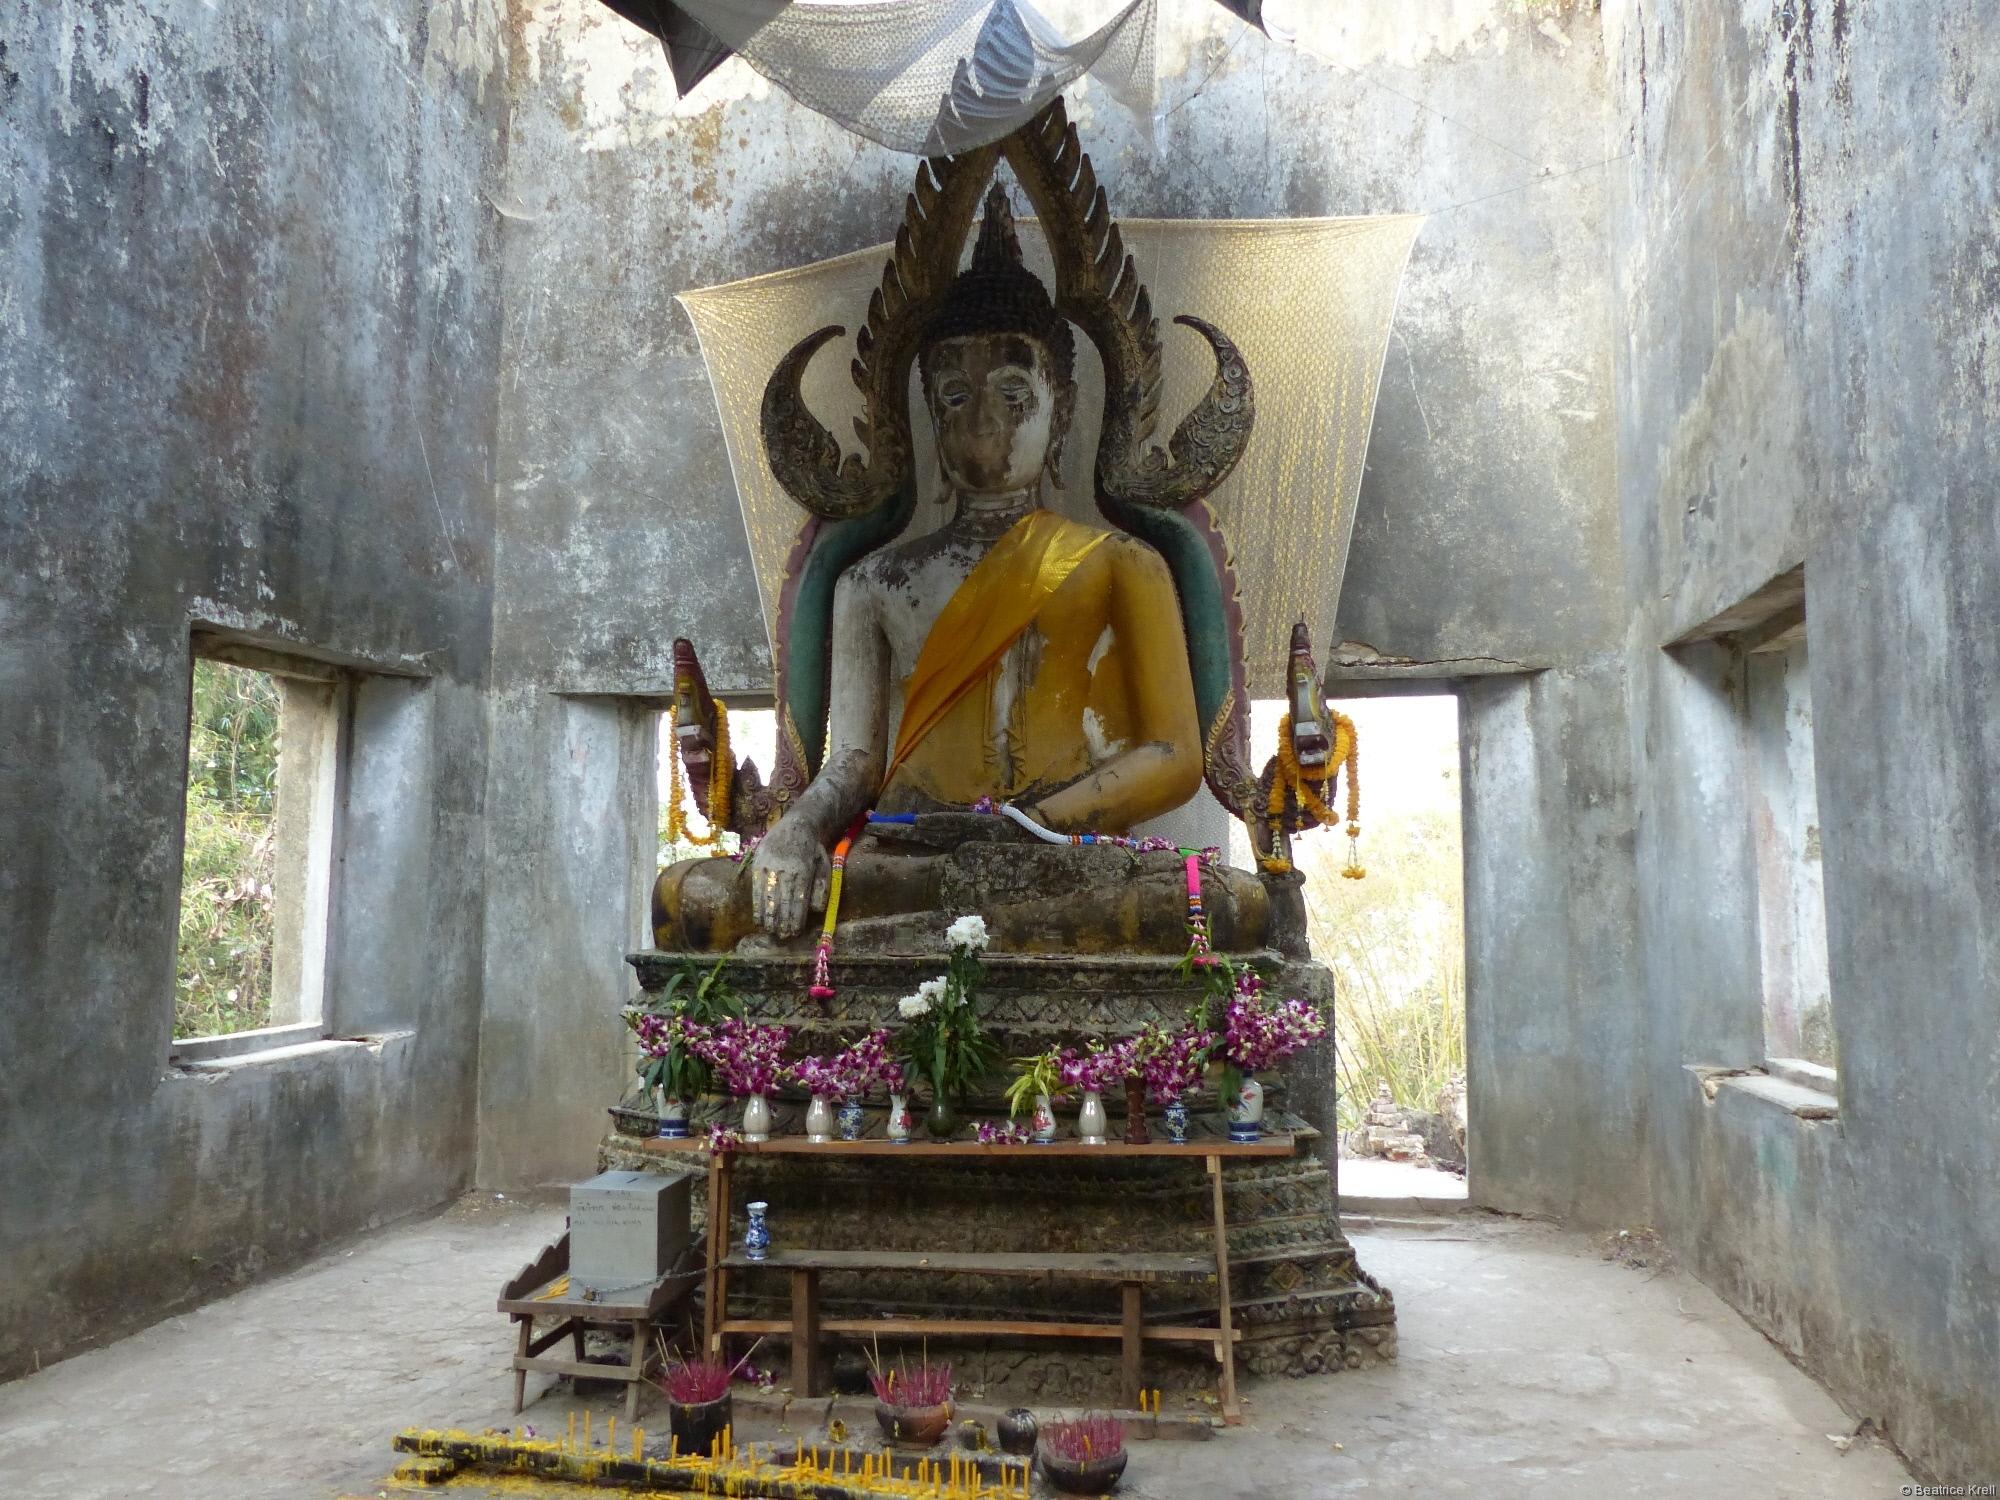 Buddhastatue mit Opfergaben